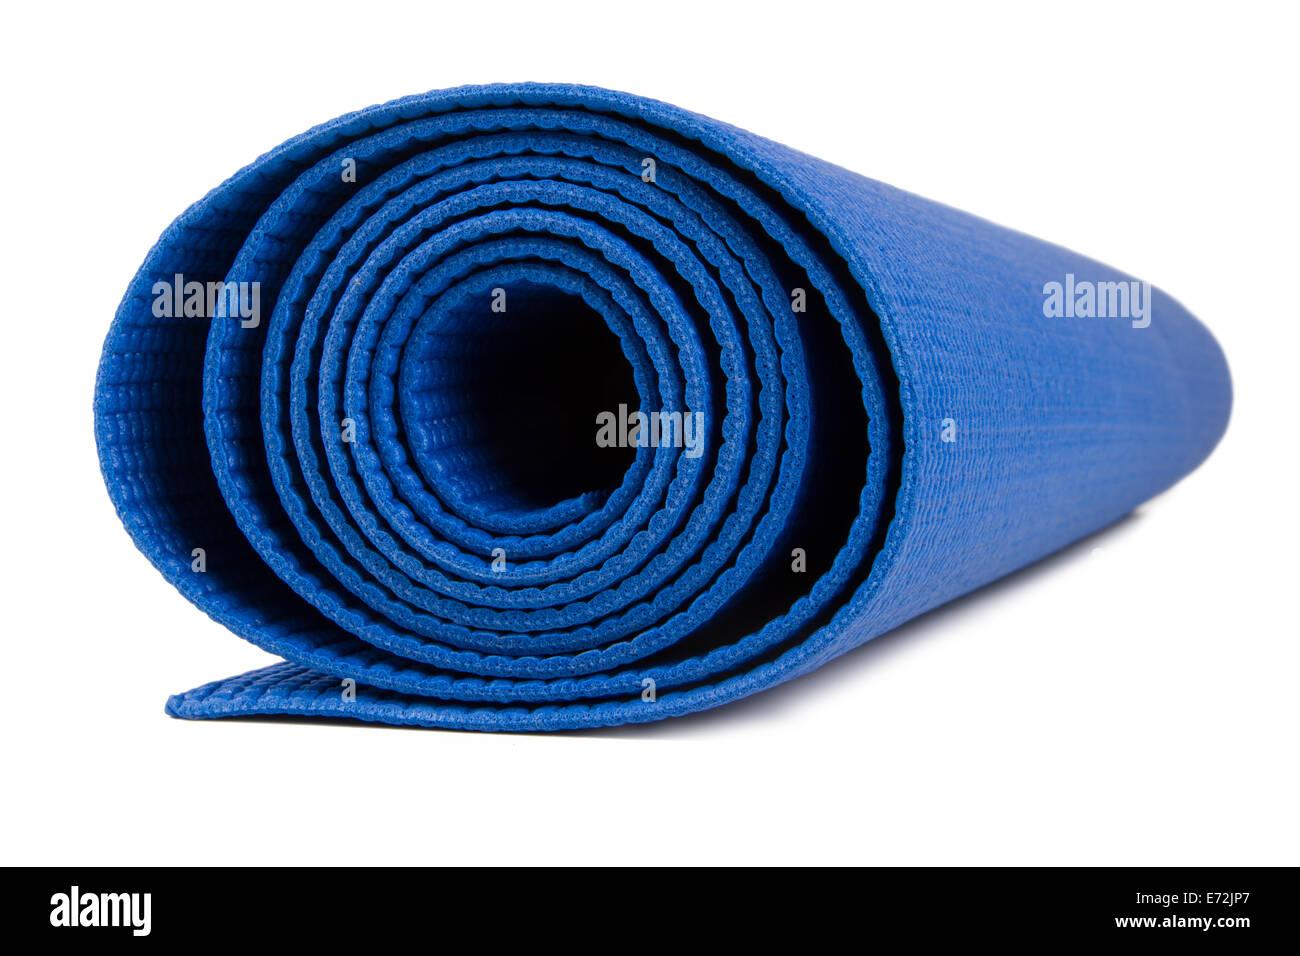 Seitenansicht des blauen gerollten Fitness-Matte, isoliert auf weißem Hintergrund. Stockbild